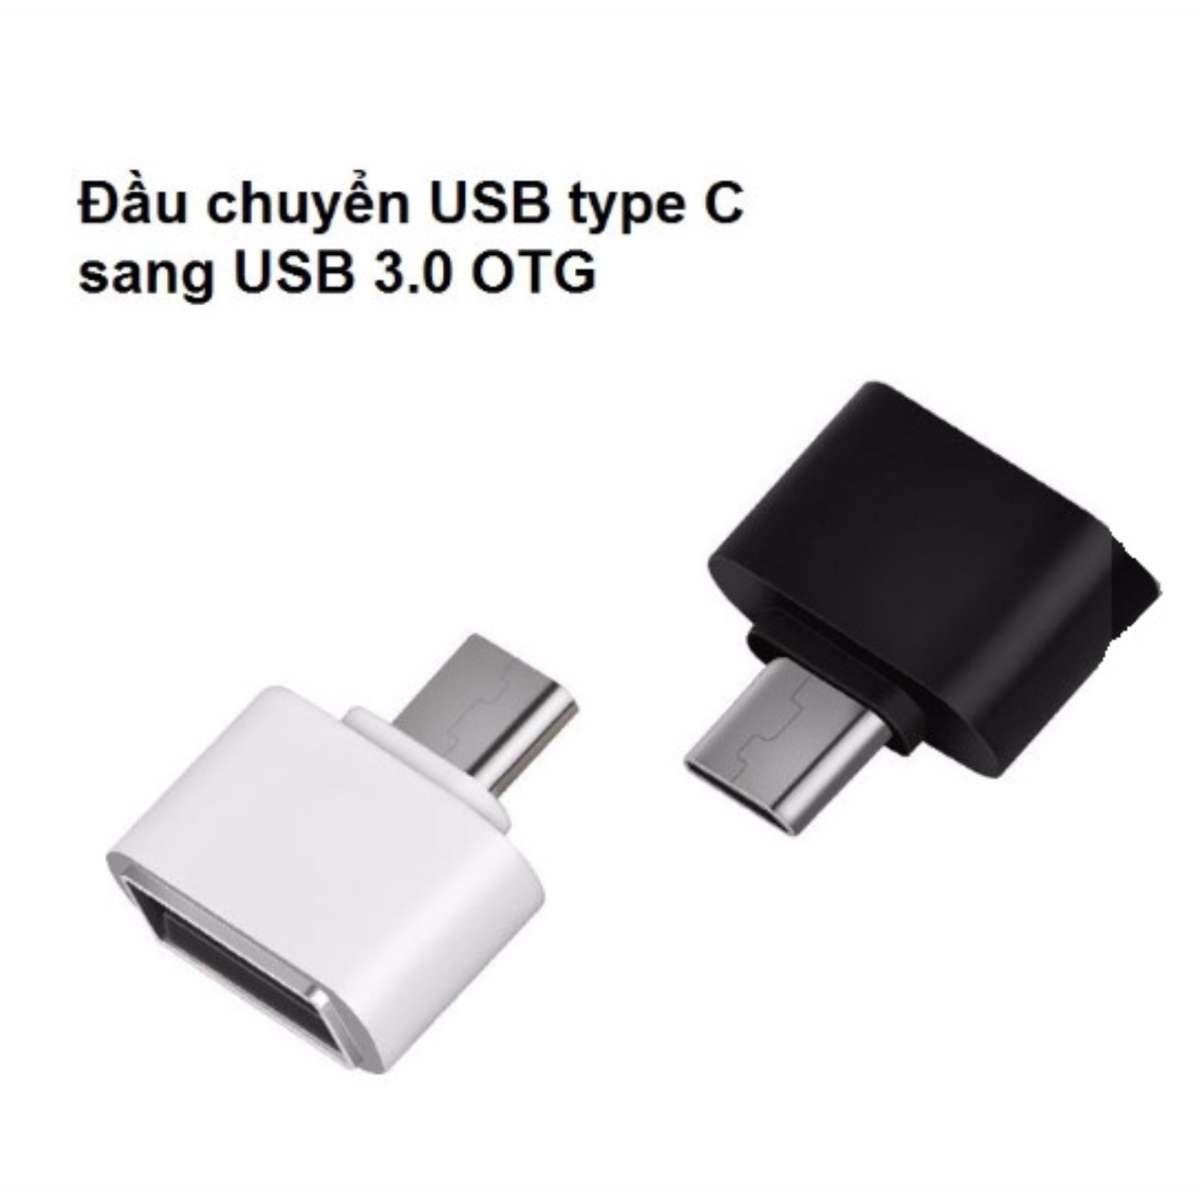 Đầu chuyển USB Type C Sang USB 3.0 OTG_Thế hệ Mới Cho Máy Tính Bảng và SmartPhone_BH (12Tháng)